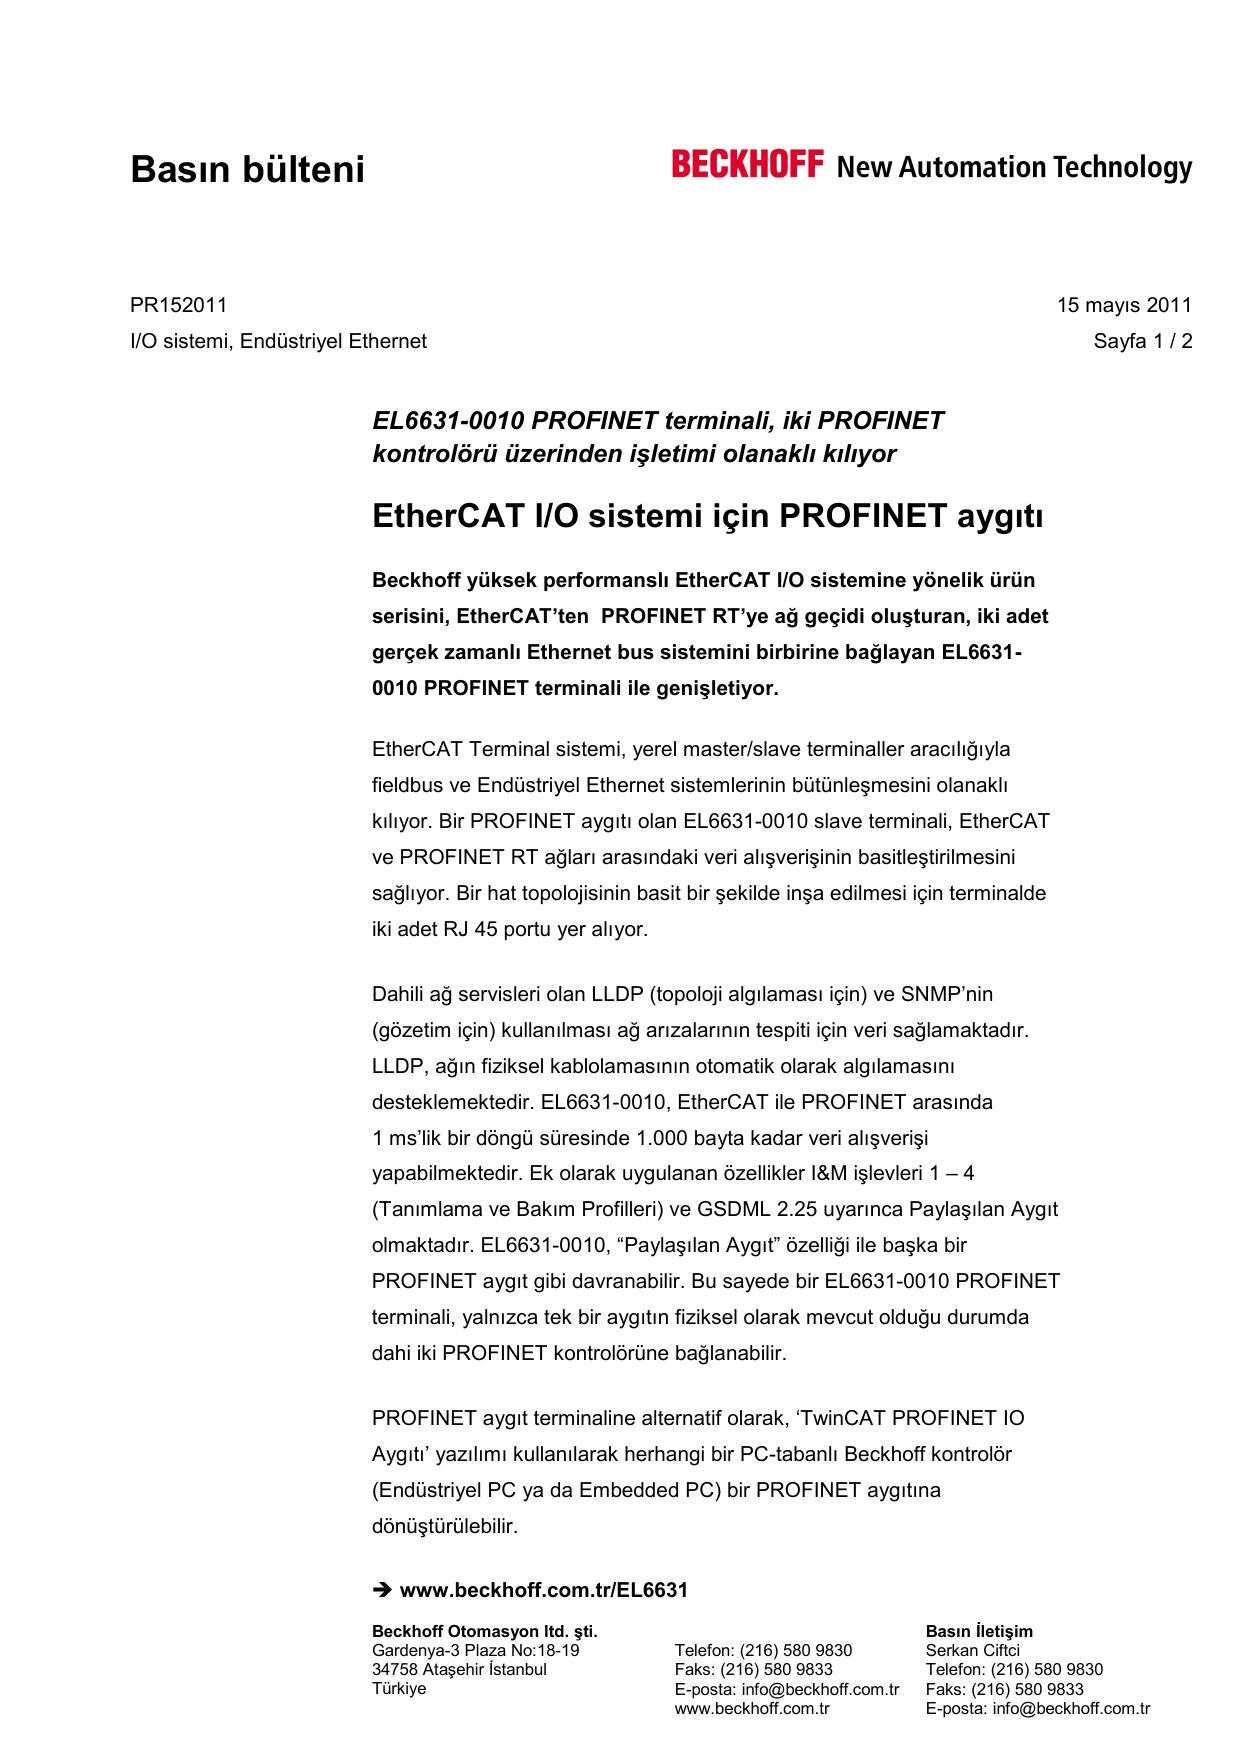 PR152011   EtherCAT I/O sistemi için PROFINET aygıtı